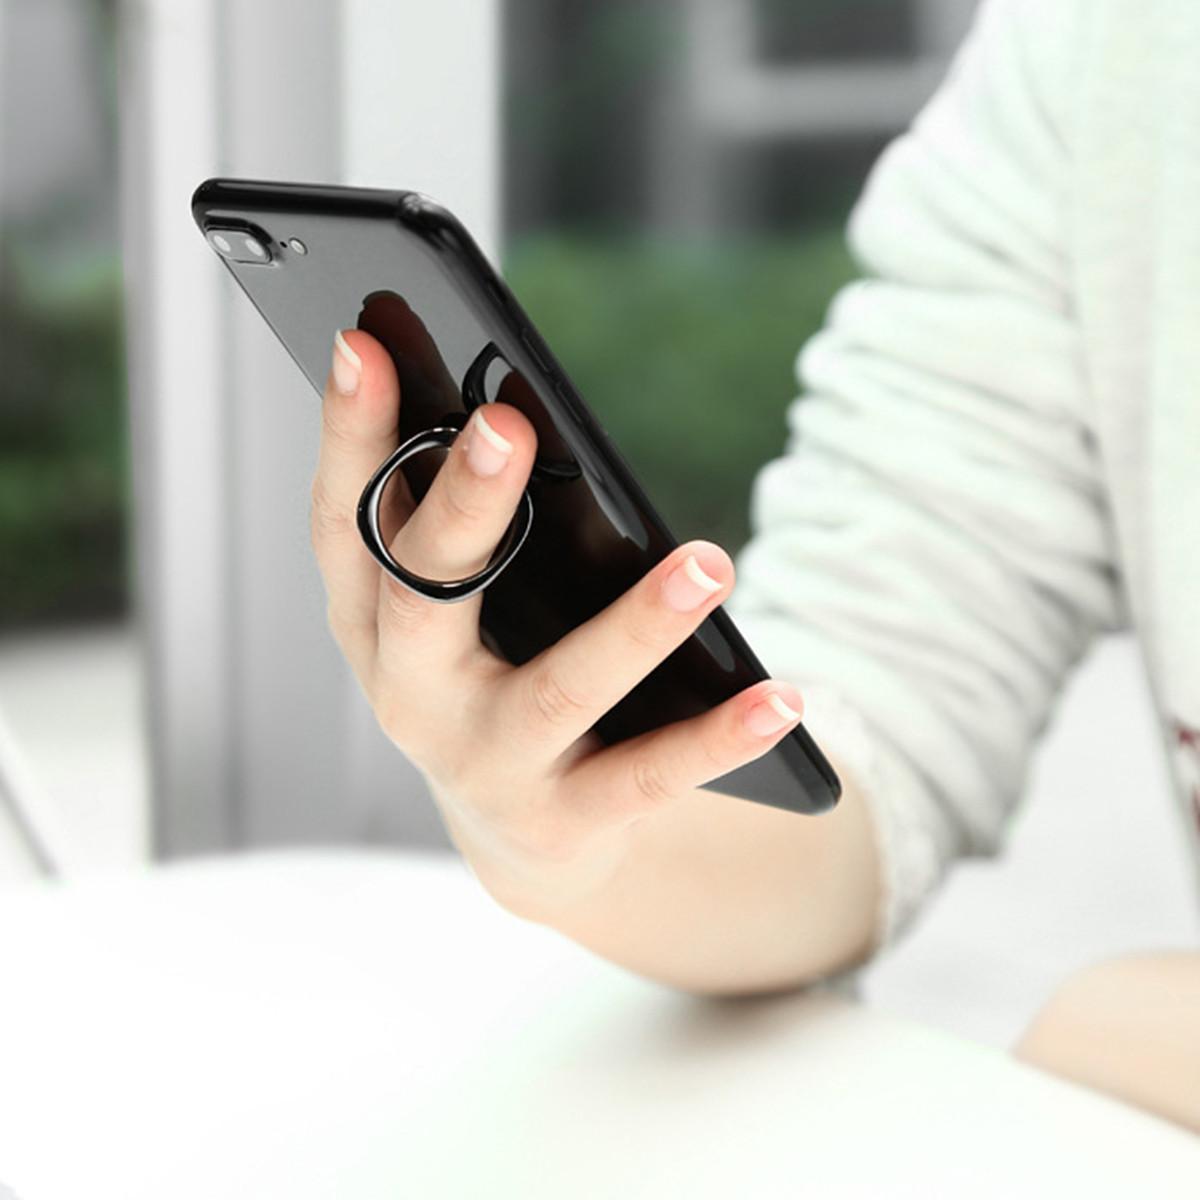 Baseus Magnetic Finger Ring Holder Mobile Phone Stand Car Mount Desktop Bracket for iPhone Samsung